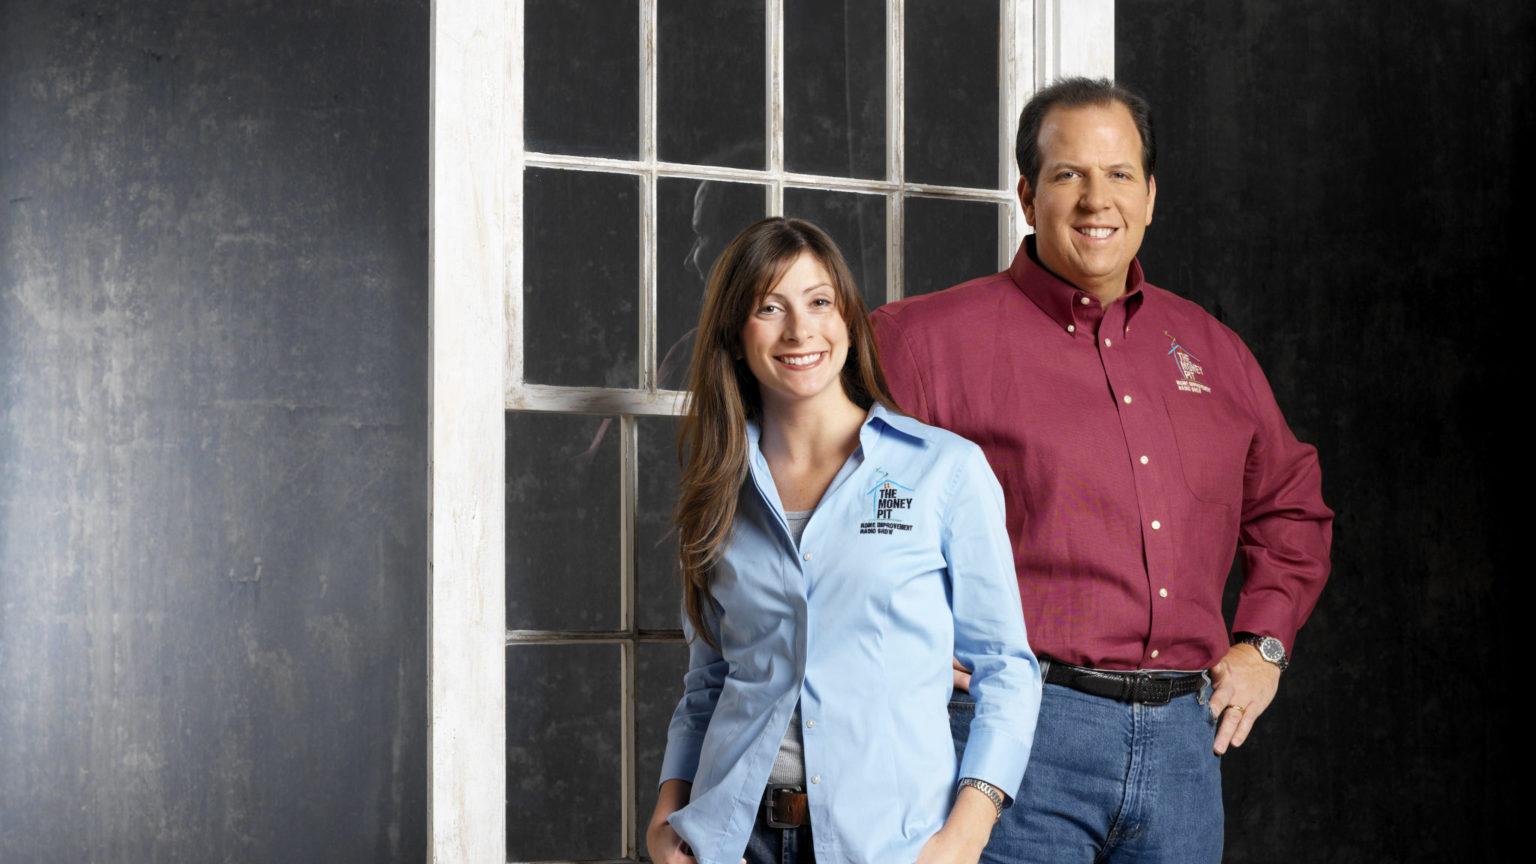 Leslie Segrete and Tom Kraeutler